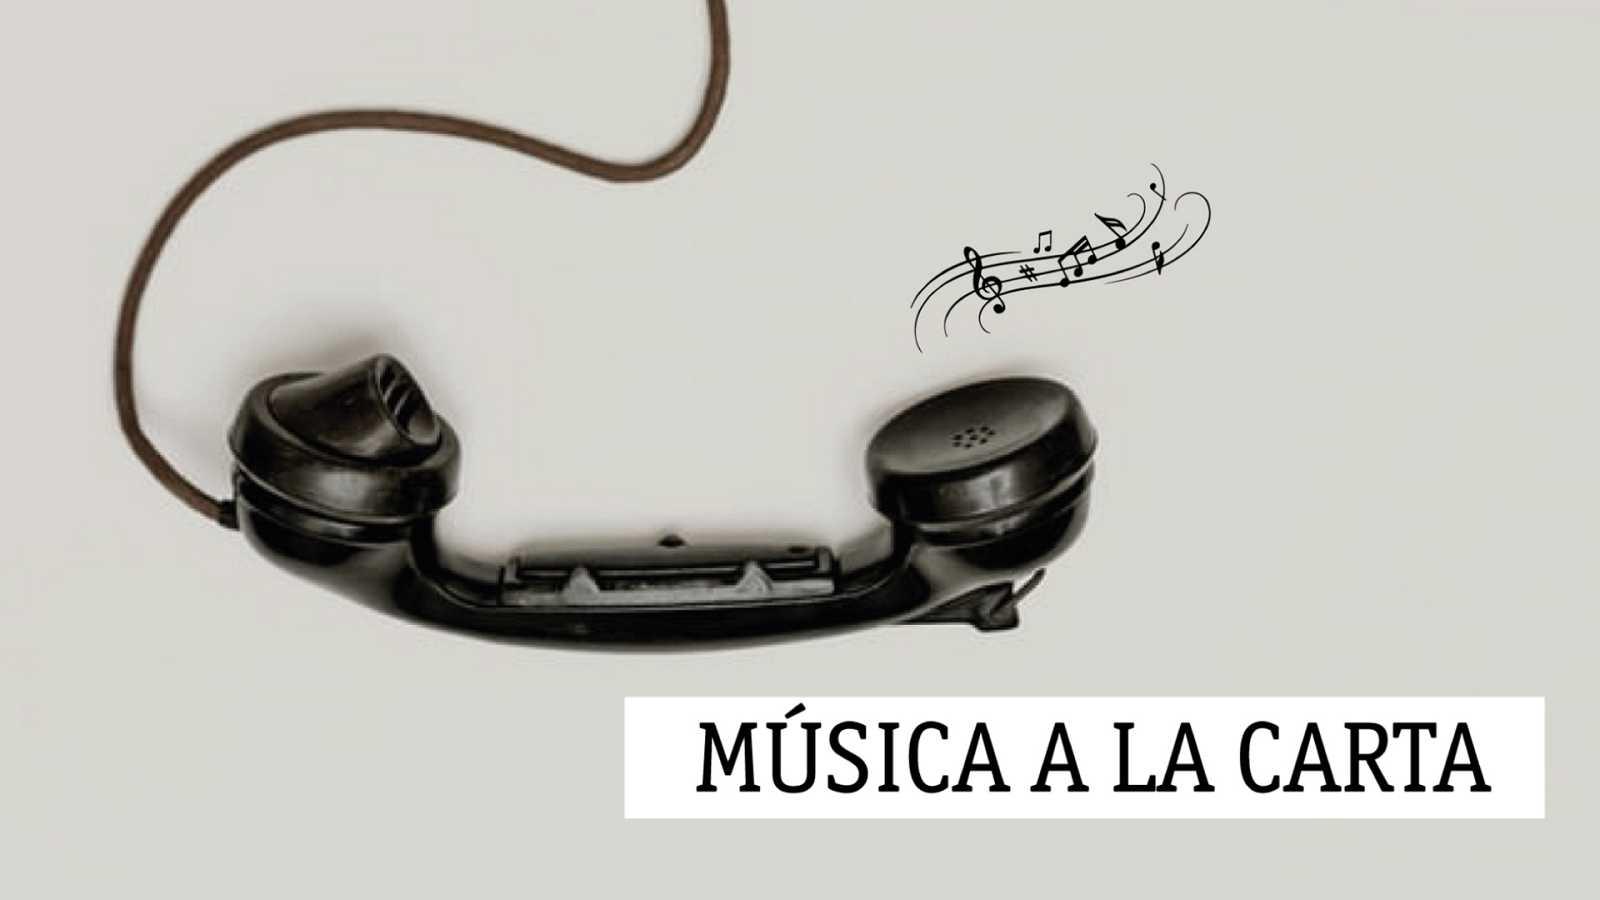 Música a la carta - 14/04/21 - escuchar ahora